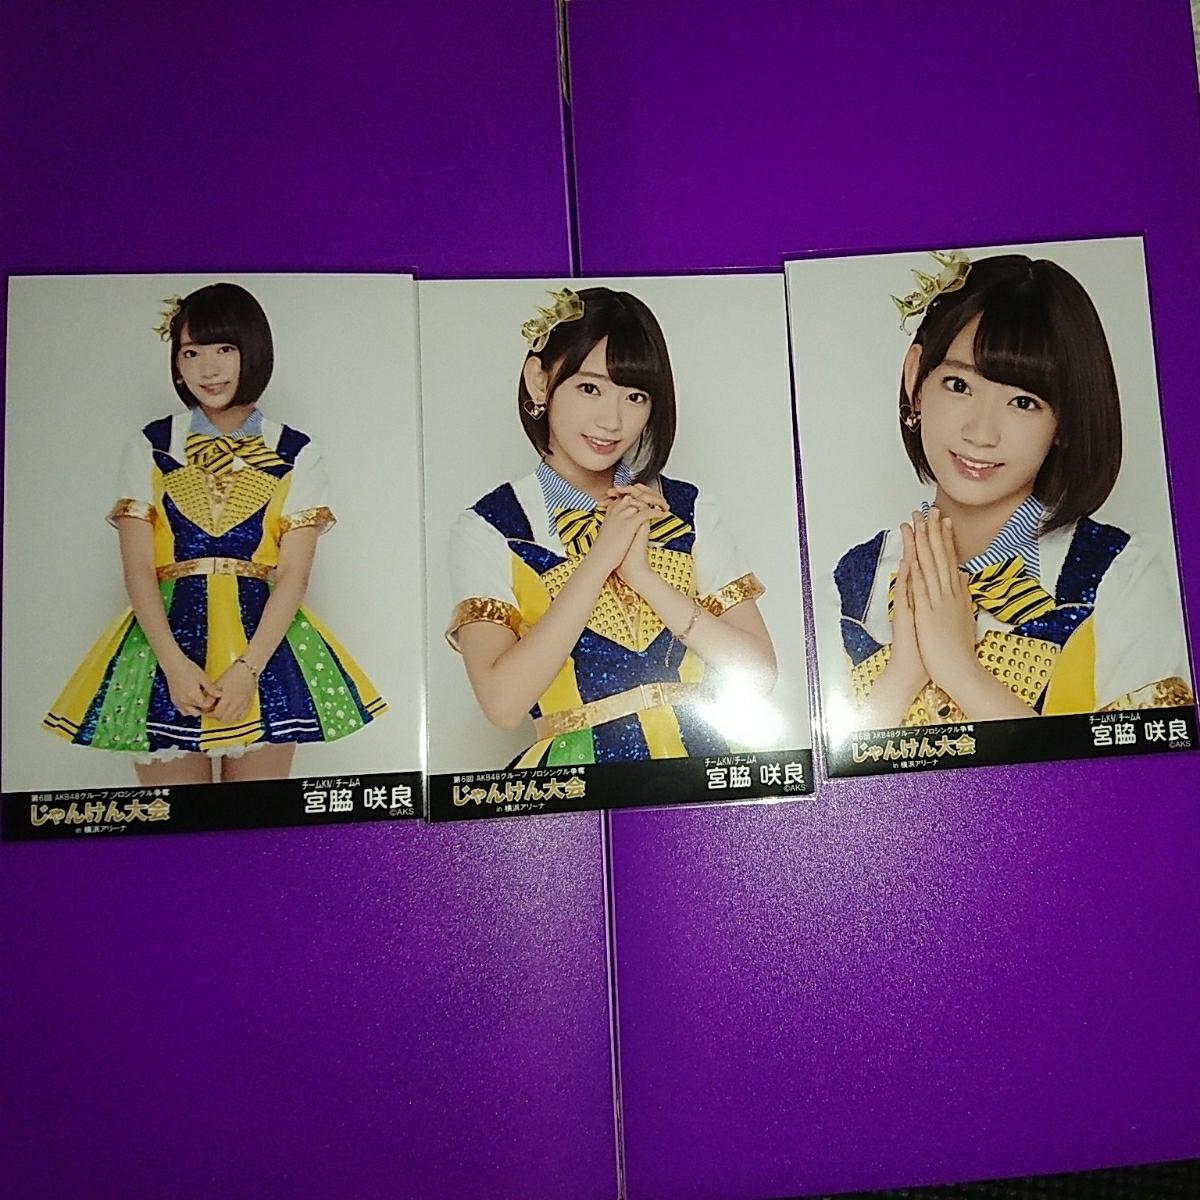 AKB48 じゃんけん大会 2015 会場生写真 宮脇咲良 3種コンプ ライブ・総選挙グッズの画像